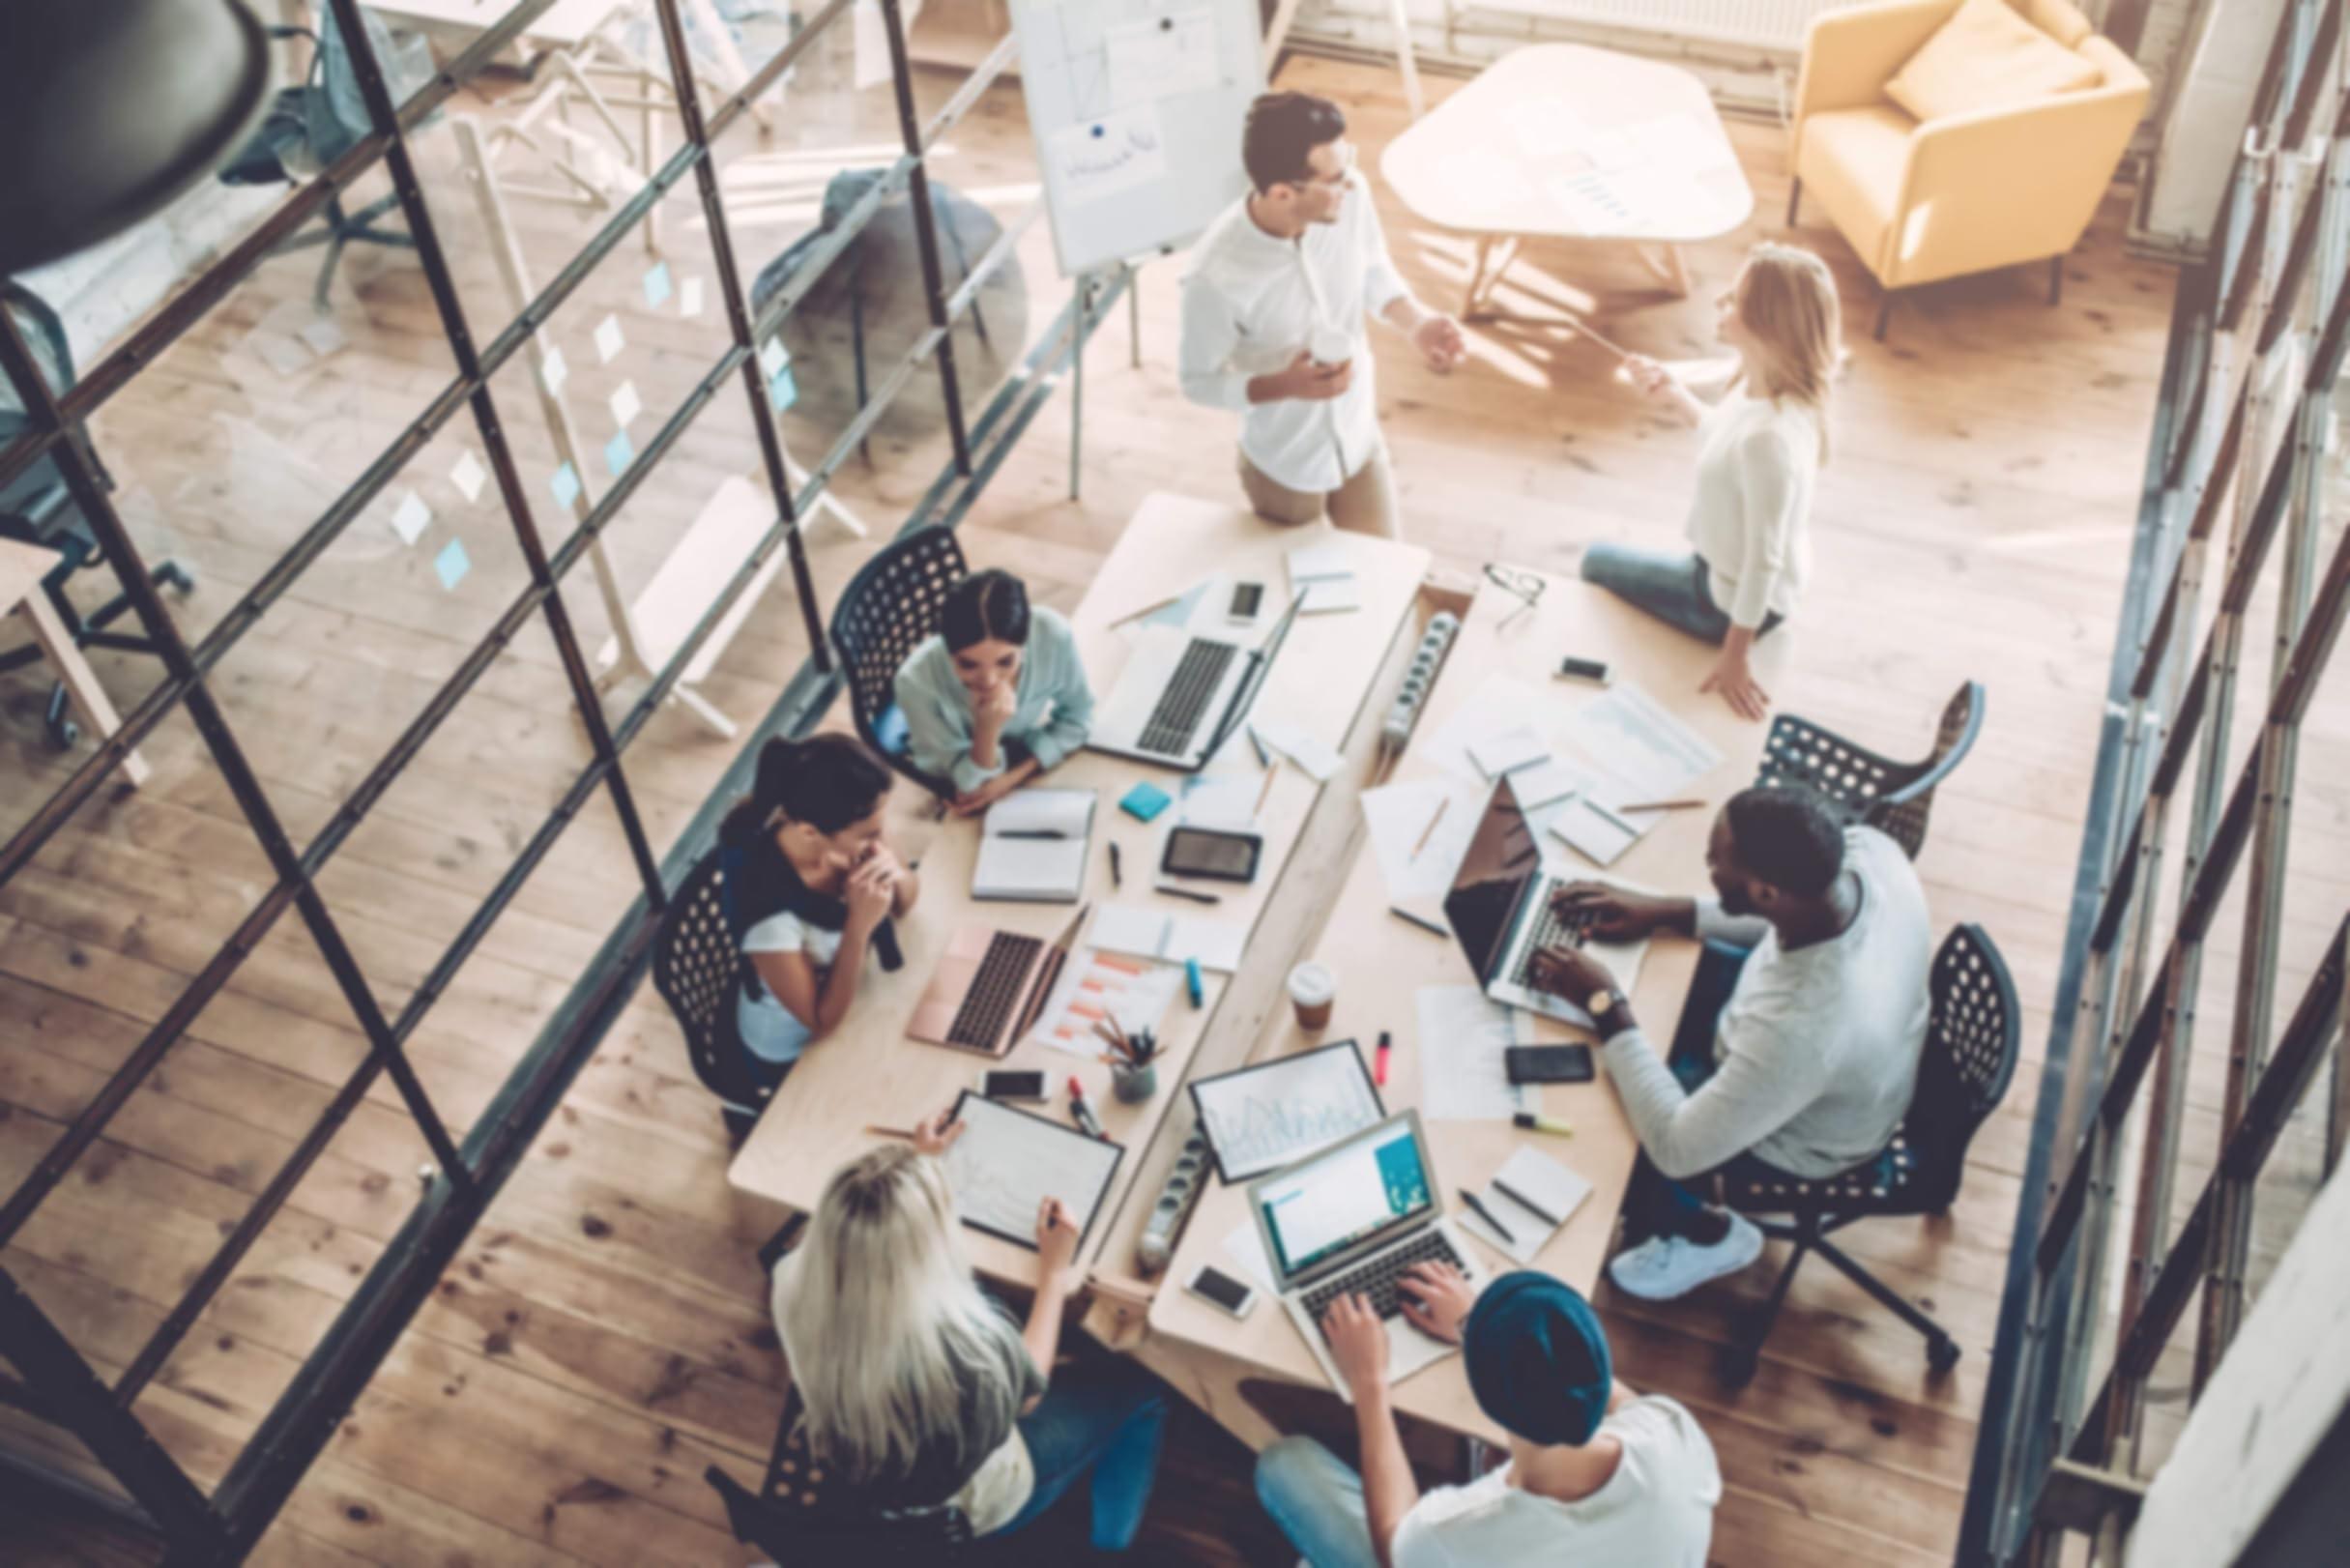 Cinque persone in un ufficio, sedute a un tavolo con dei laptop, che lavorano insieme. Due persone in piedi vicino alla scrivania che parlano.